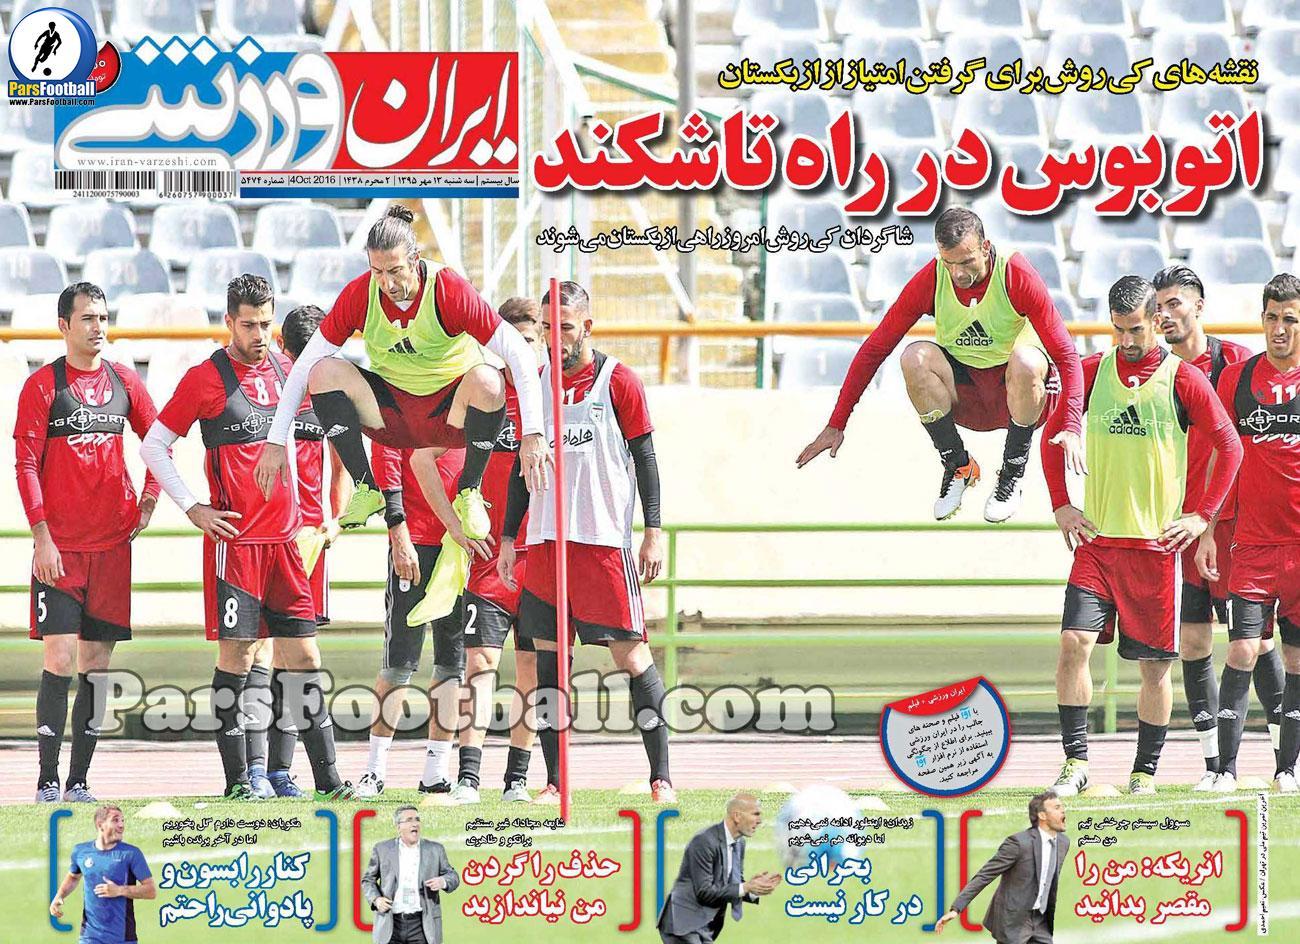 روزنامه ایران ورزشی سه شنبه 13 مهر 95